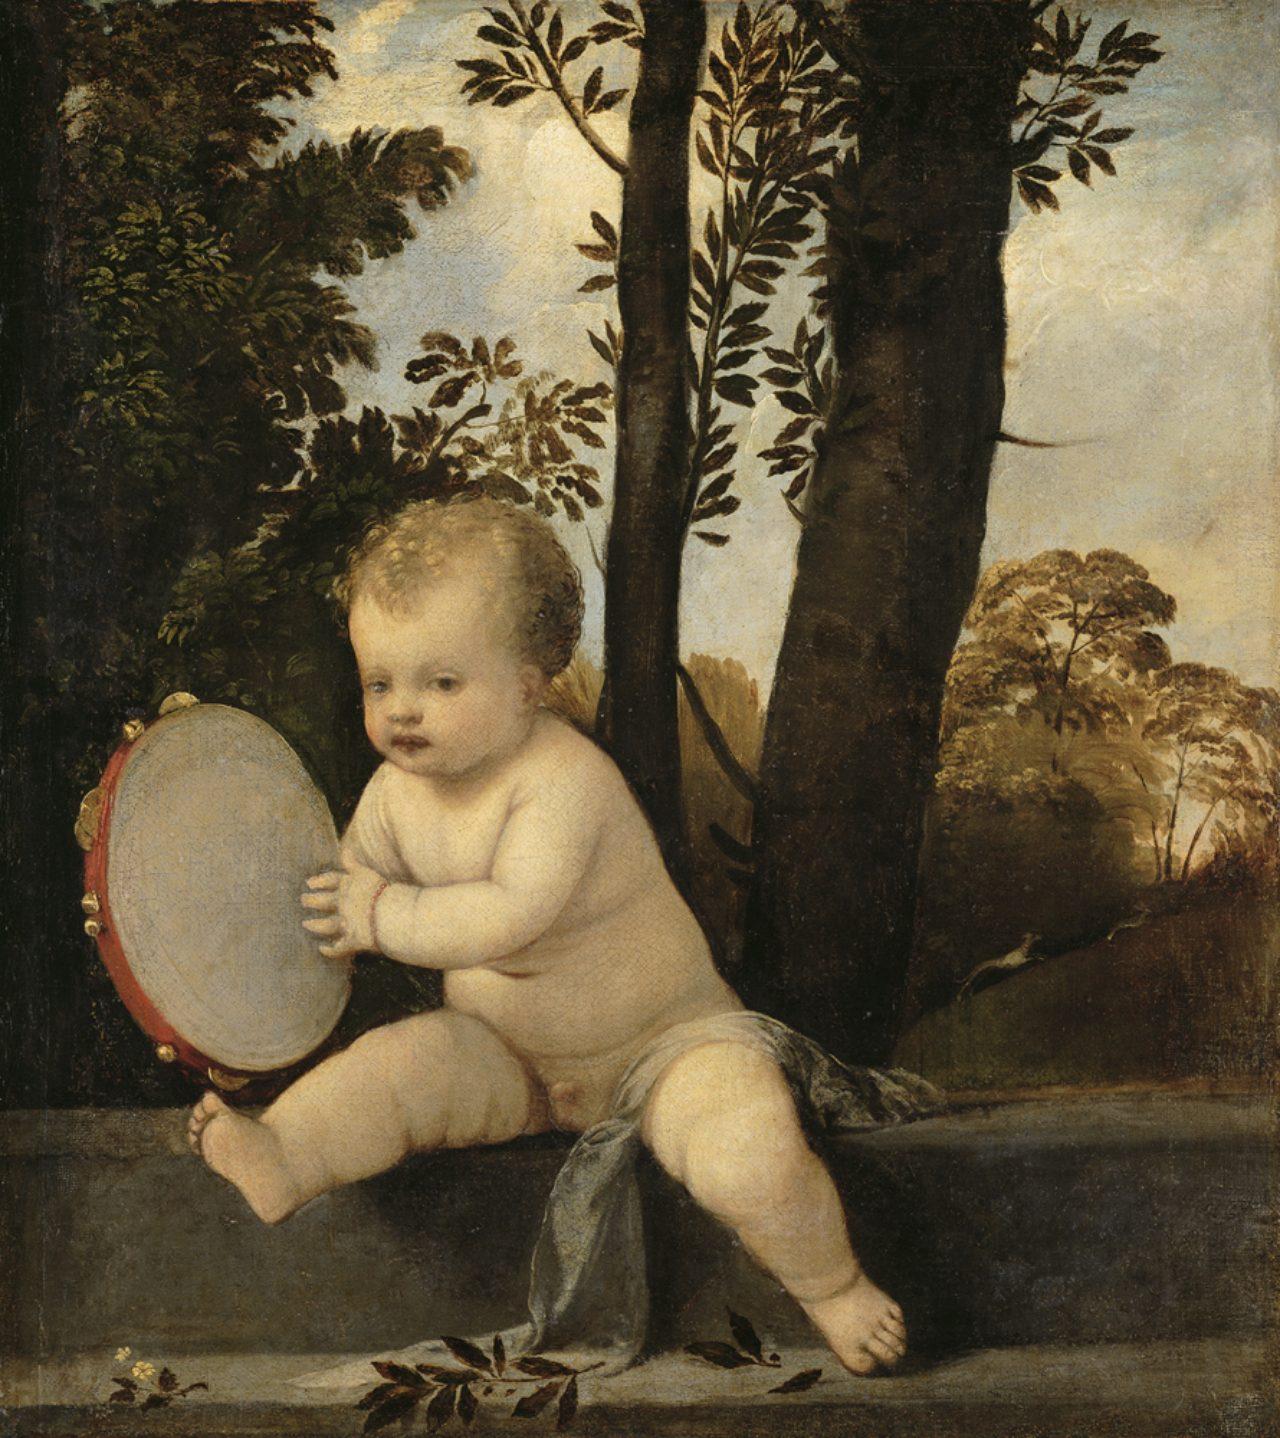 画像: ティツィアーノ・ヴェチェッリオ 《タンバリンを演奏する子ども》 1510-15 年頃 油彩・キャンヴァス